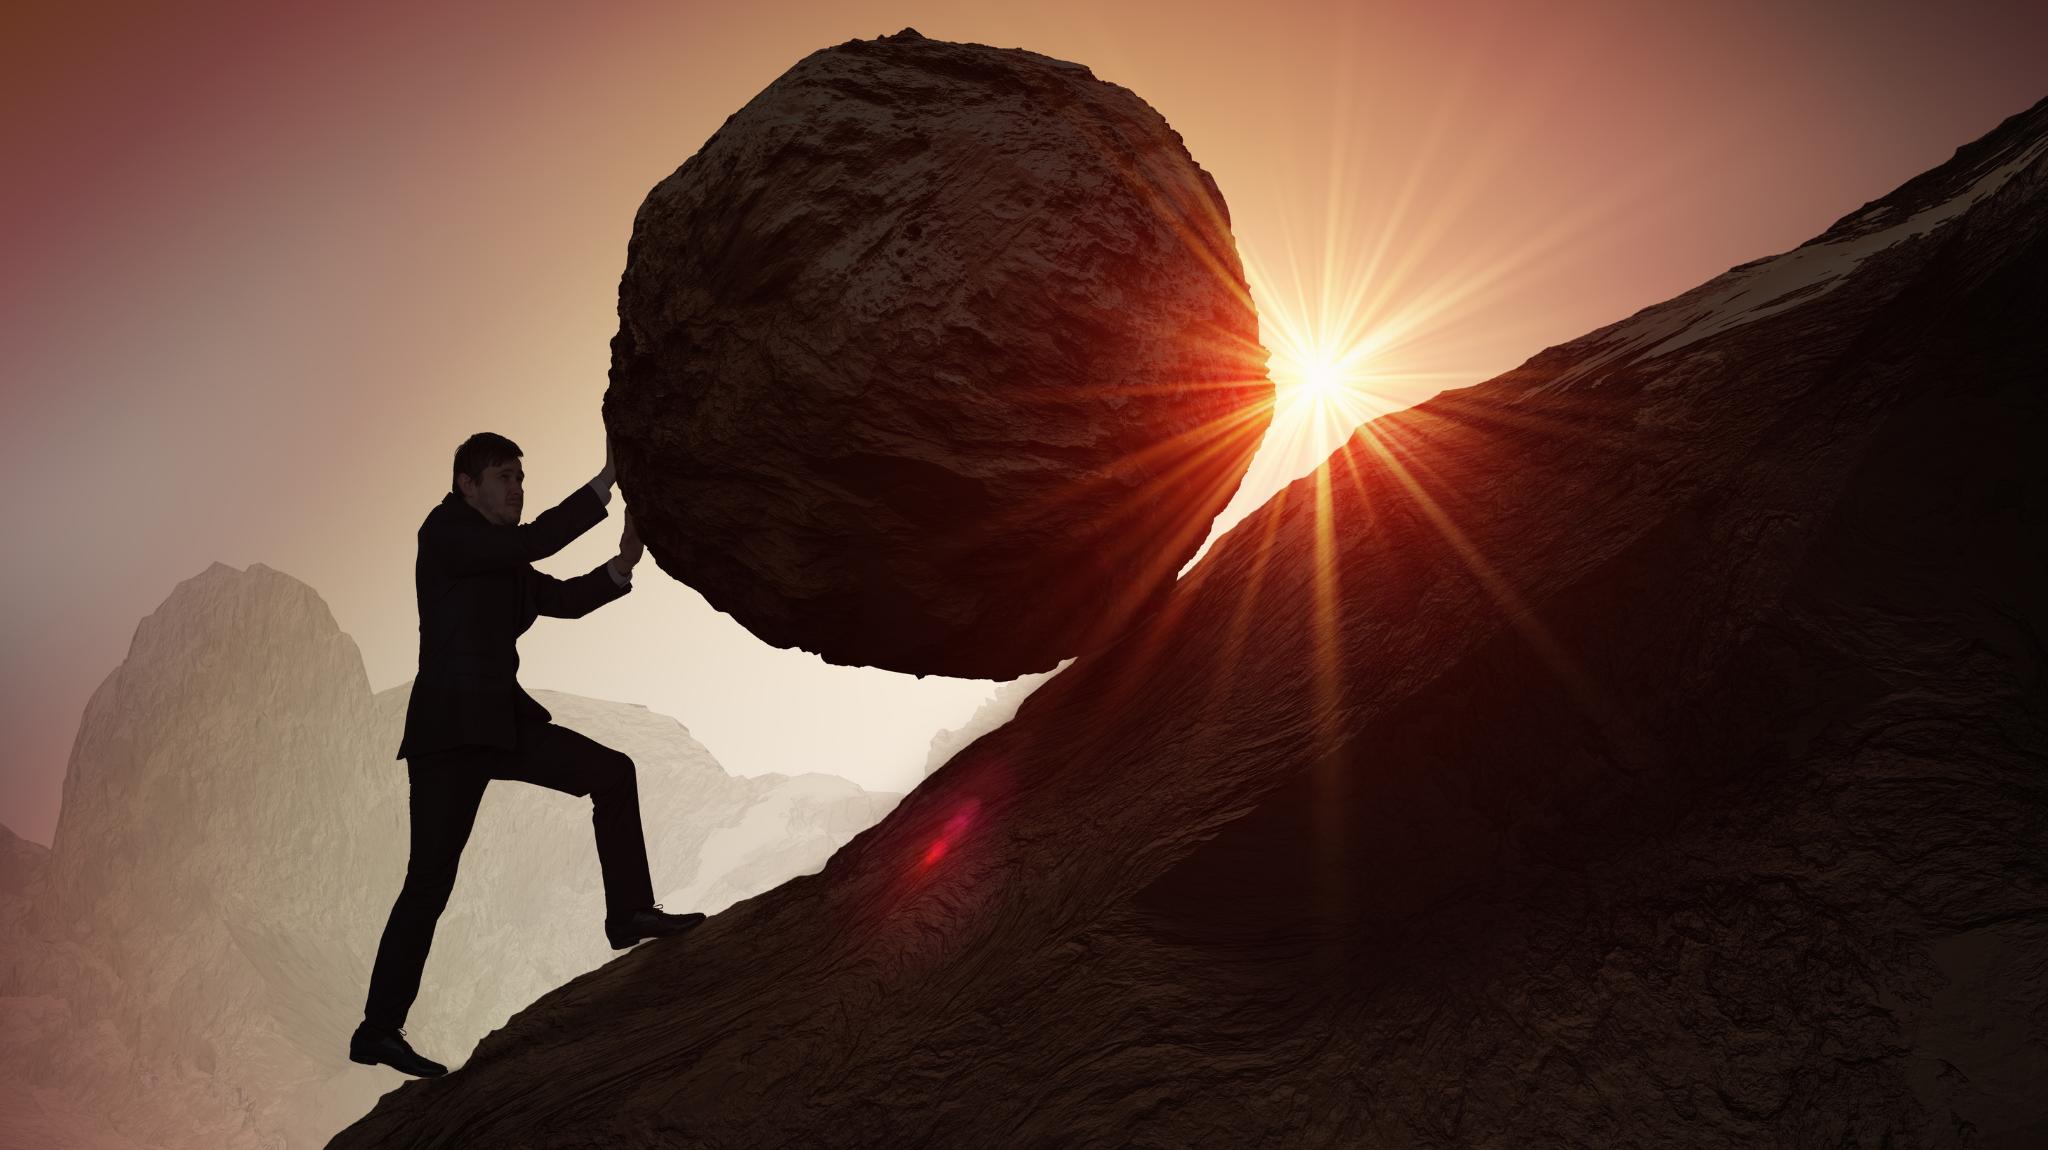 Man pushing boulder up a mountain